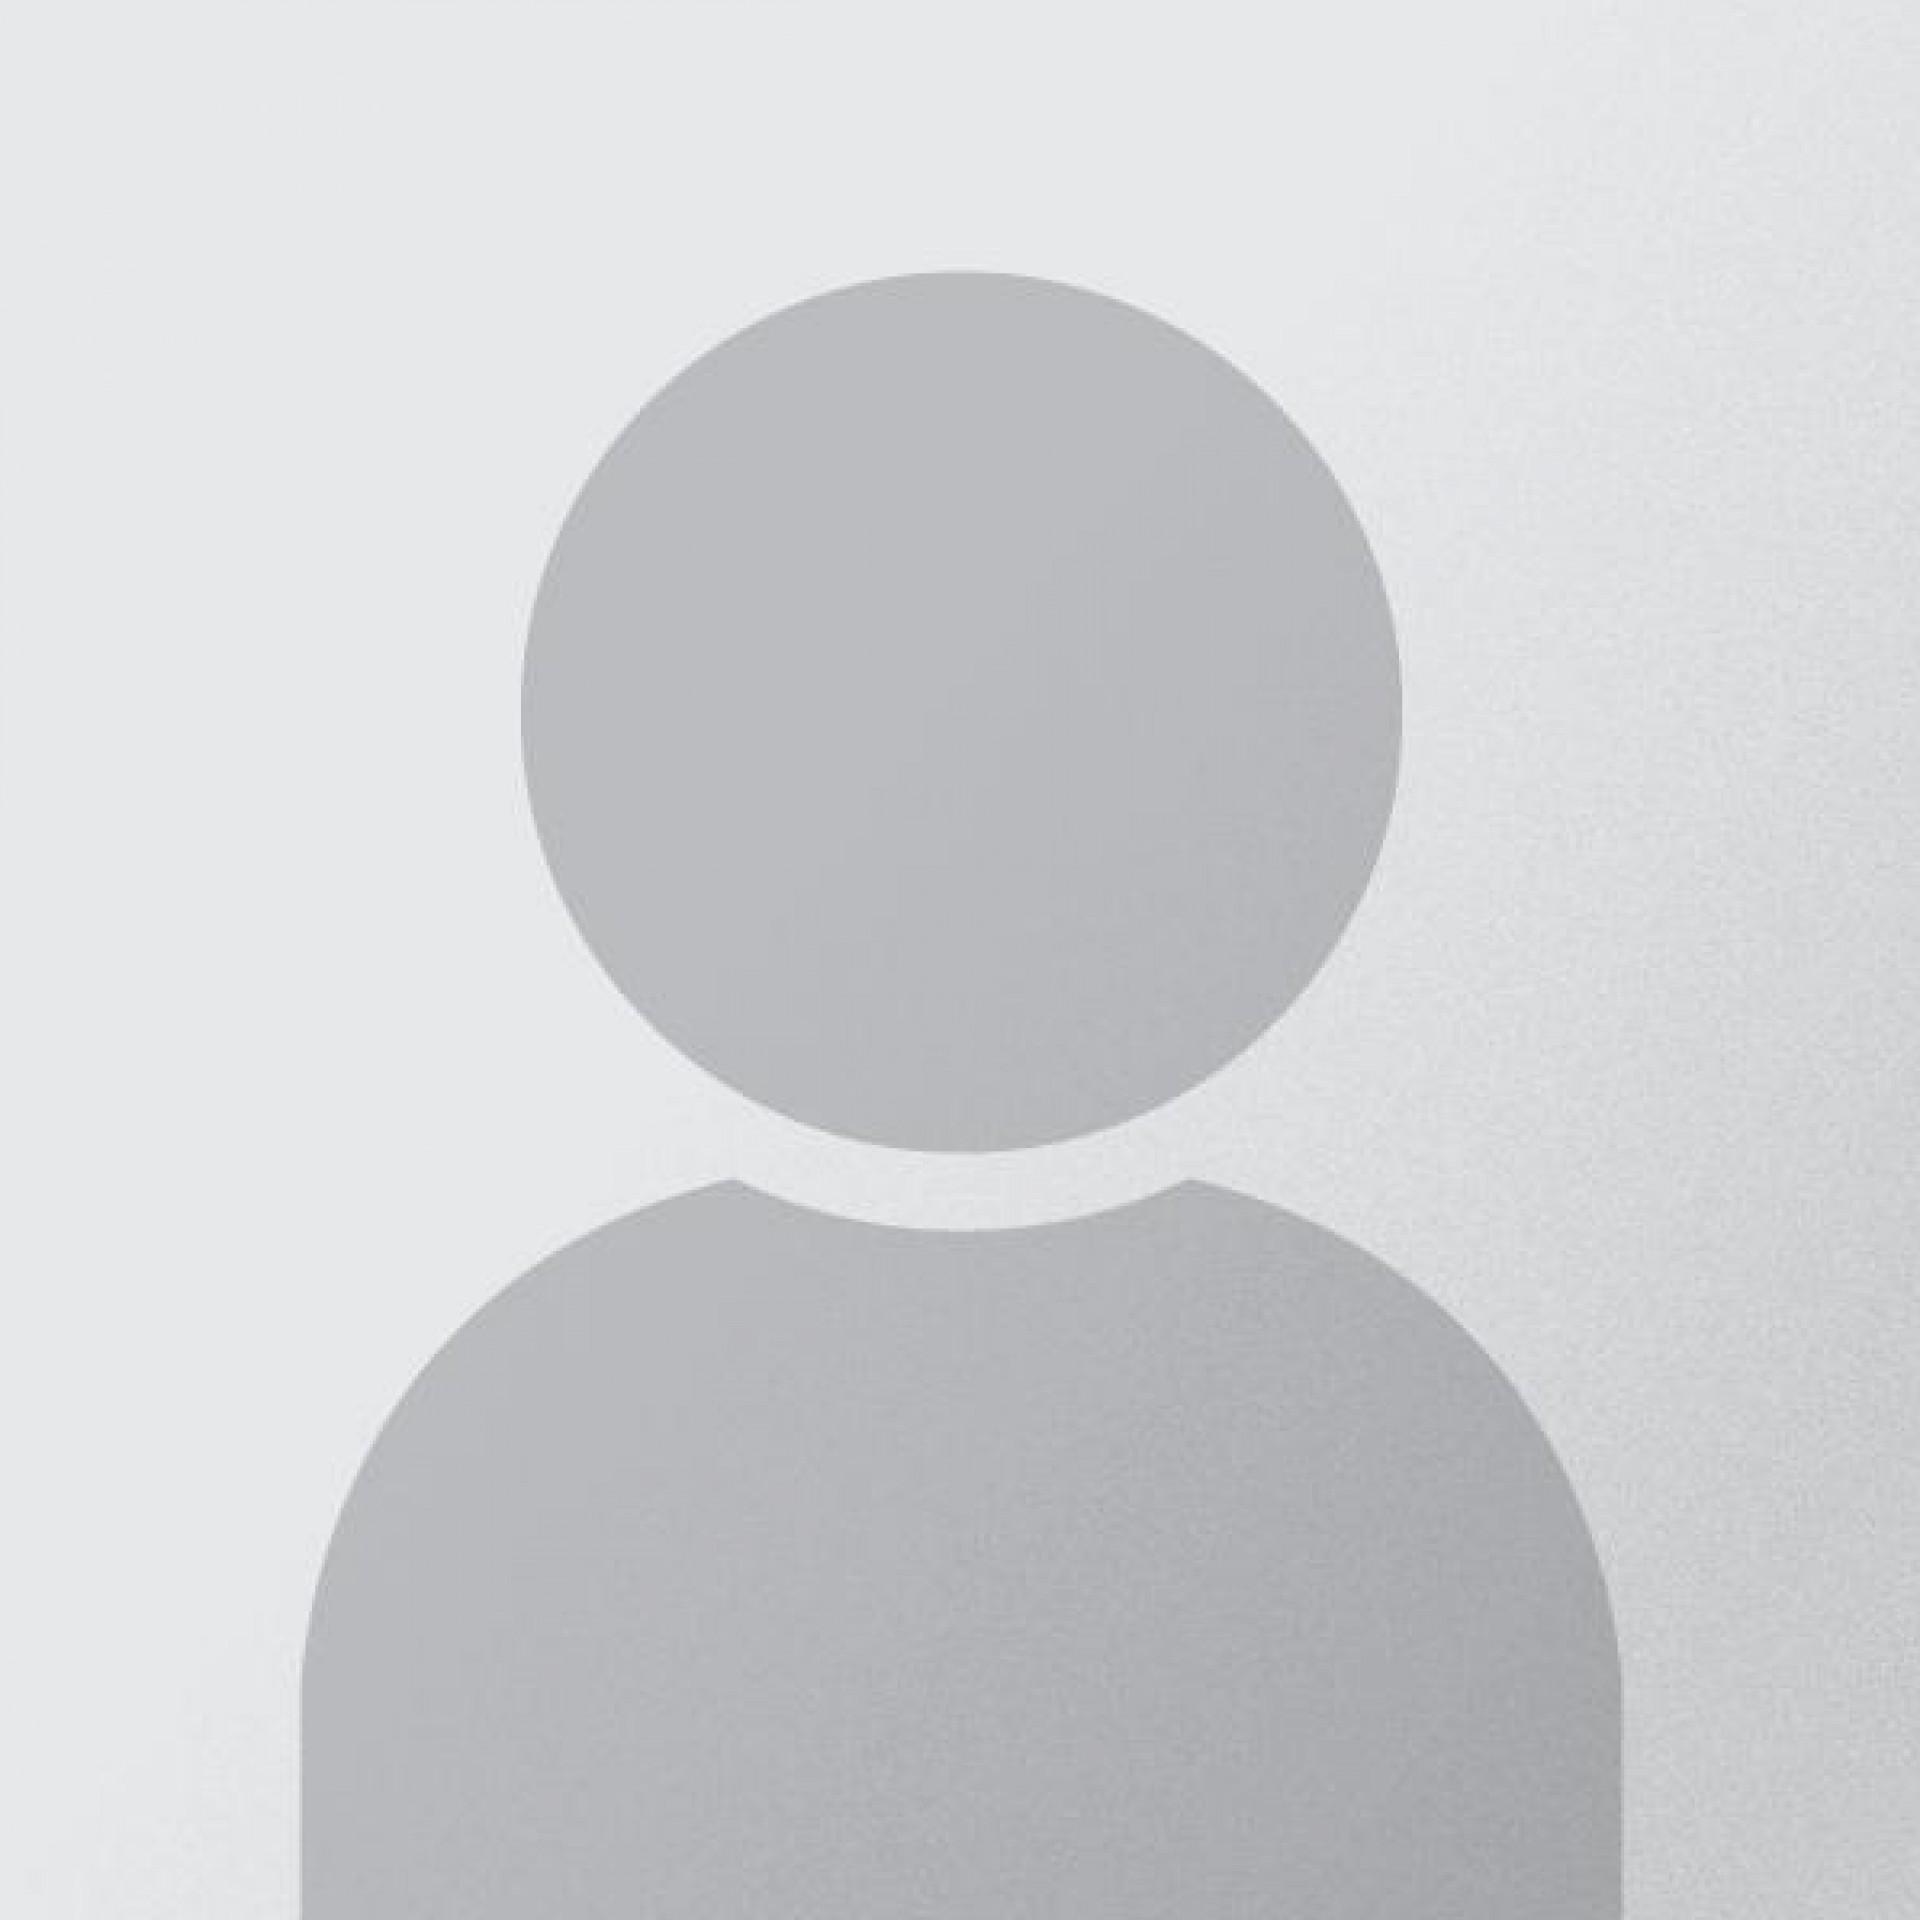 fotografia p021 profilu 01025MGB0R